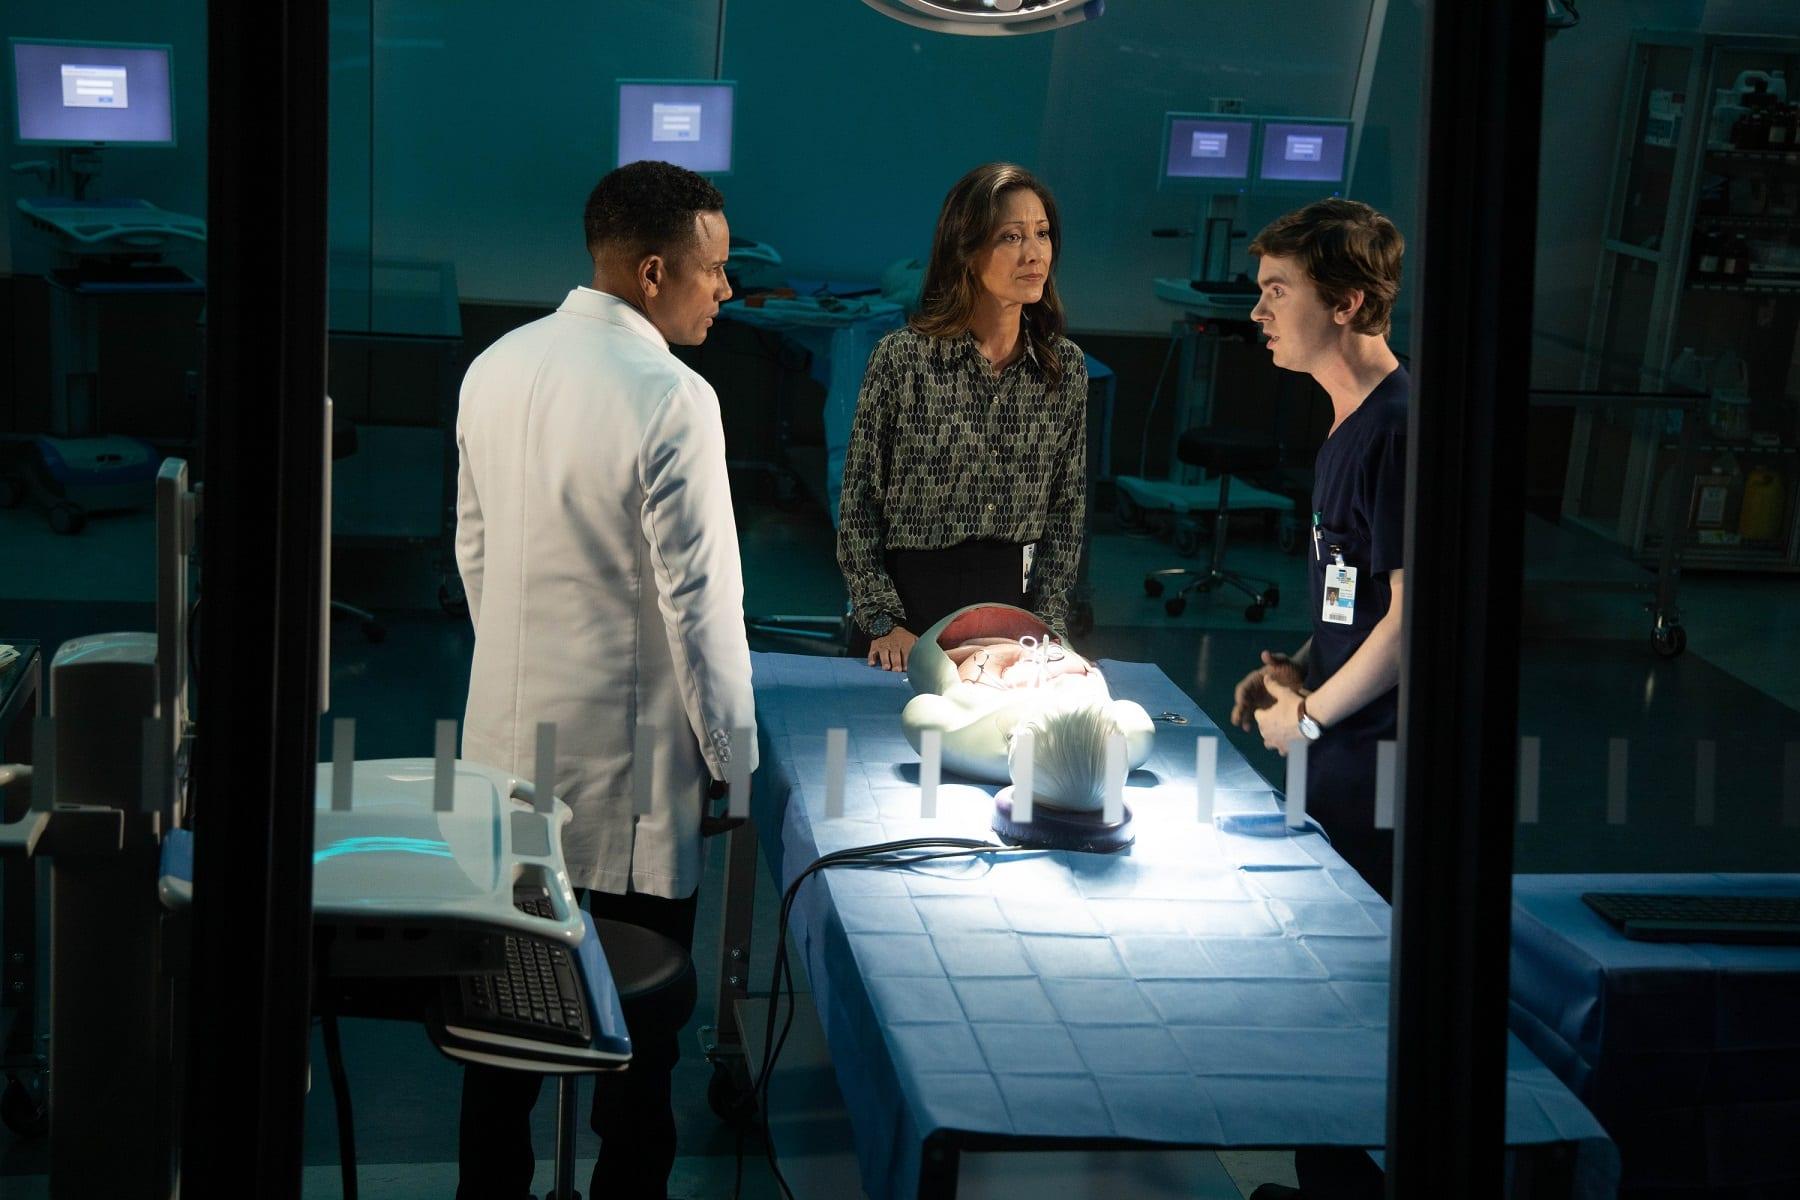 Live 6 marzo 2020: The Good Doctor 3, terzo appuntamento, in prima visione assoluta su Rai 2